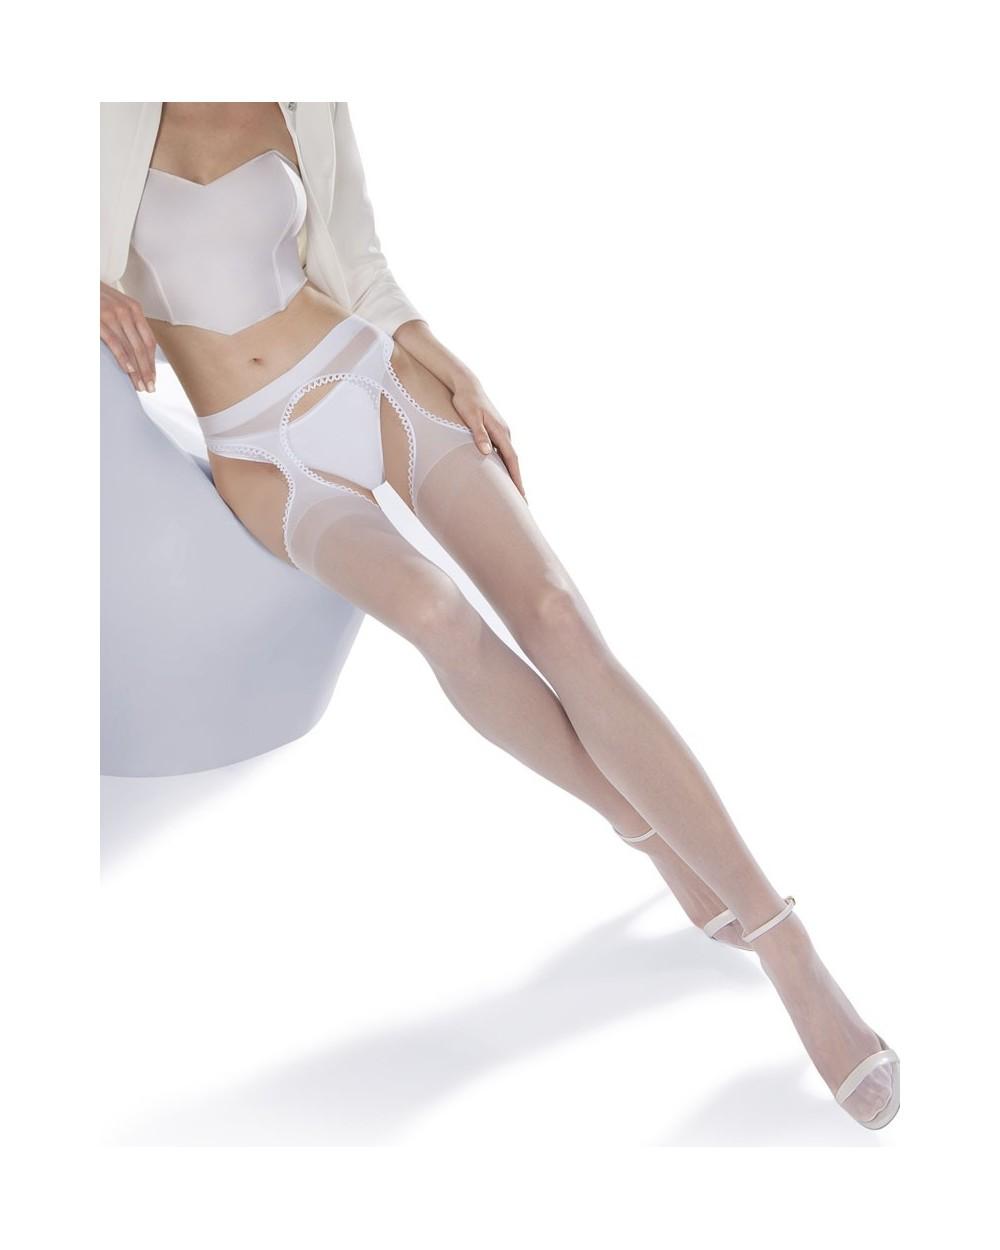 Collant porte-jarretelles intégré blanc